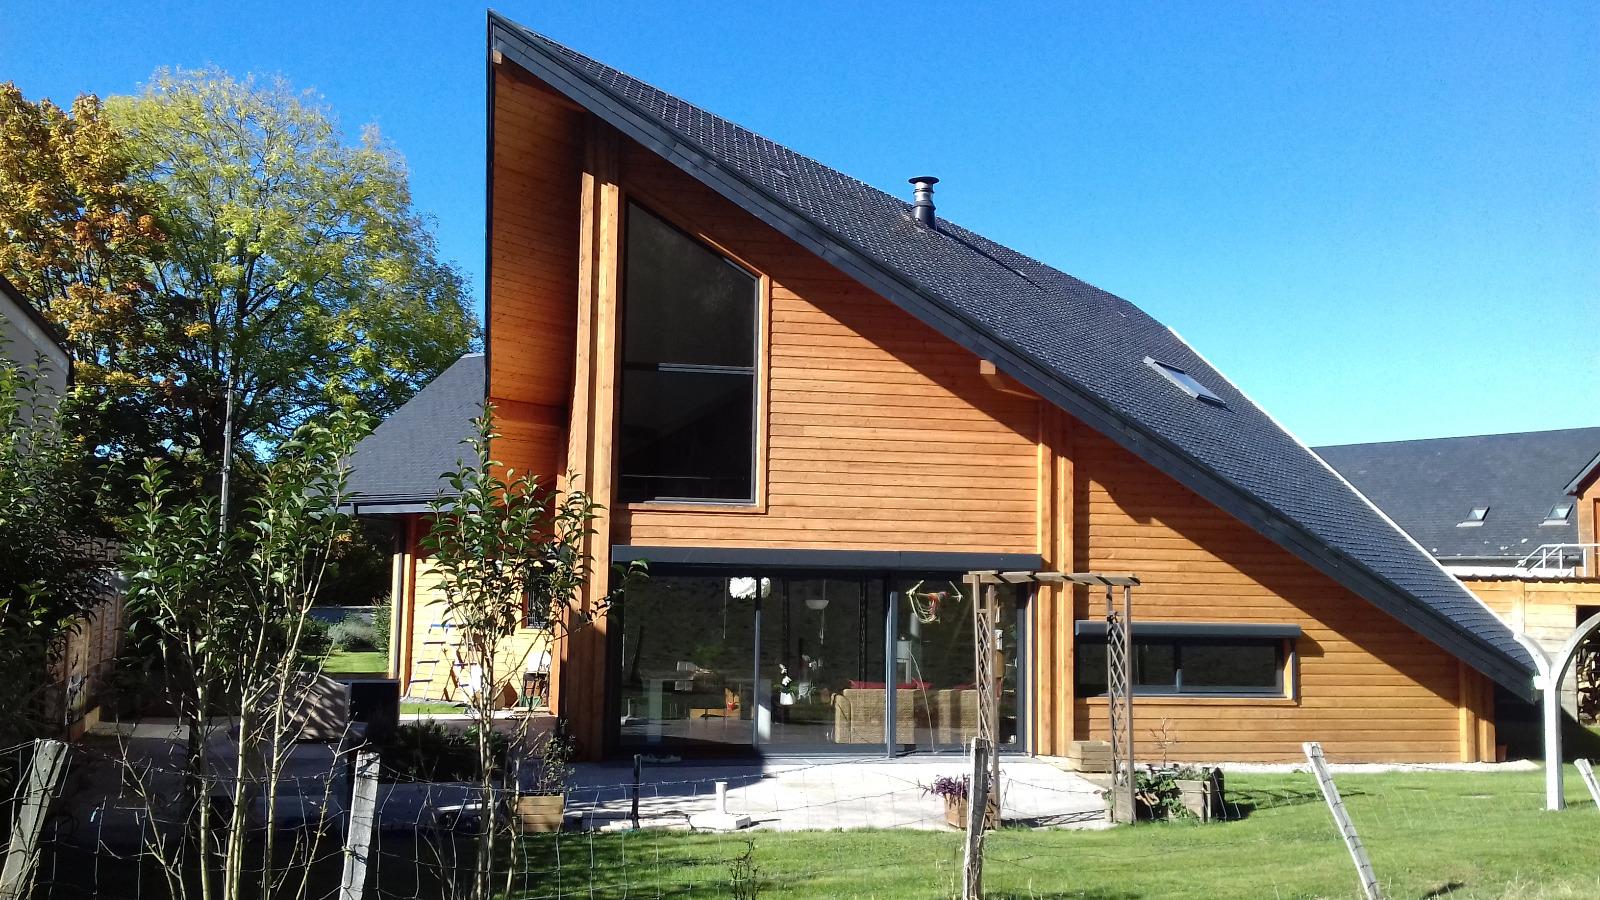 vente maison en bois d'architecte dans un villageà 5 minutes de Lourdes # Vente Maison En Bois